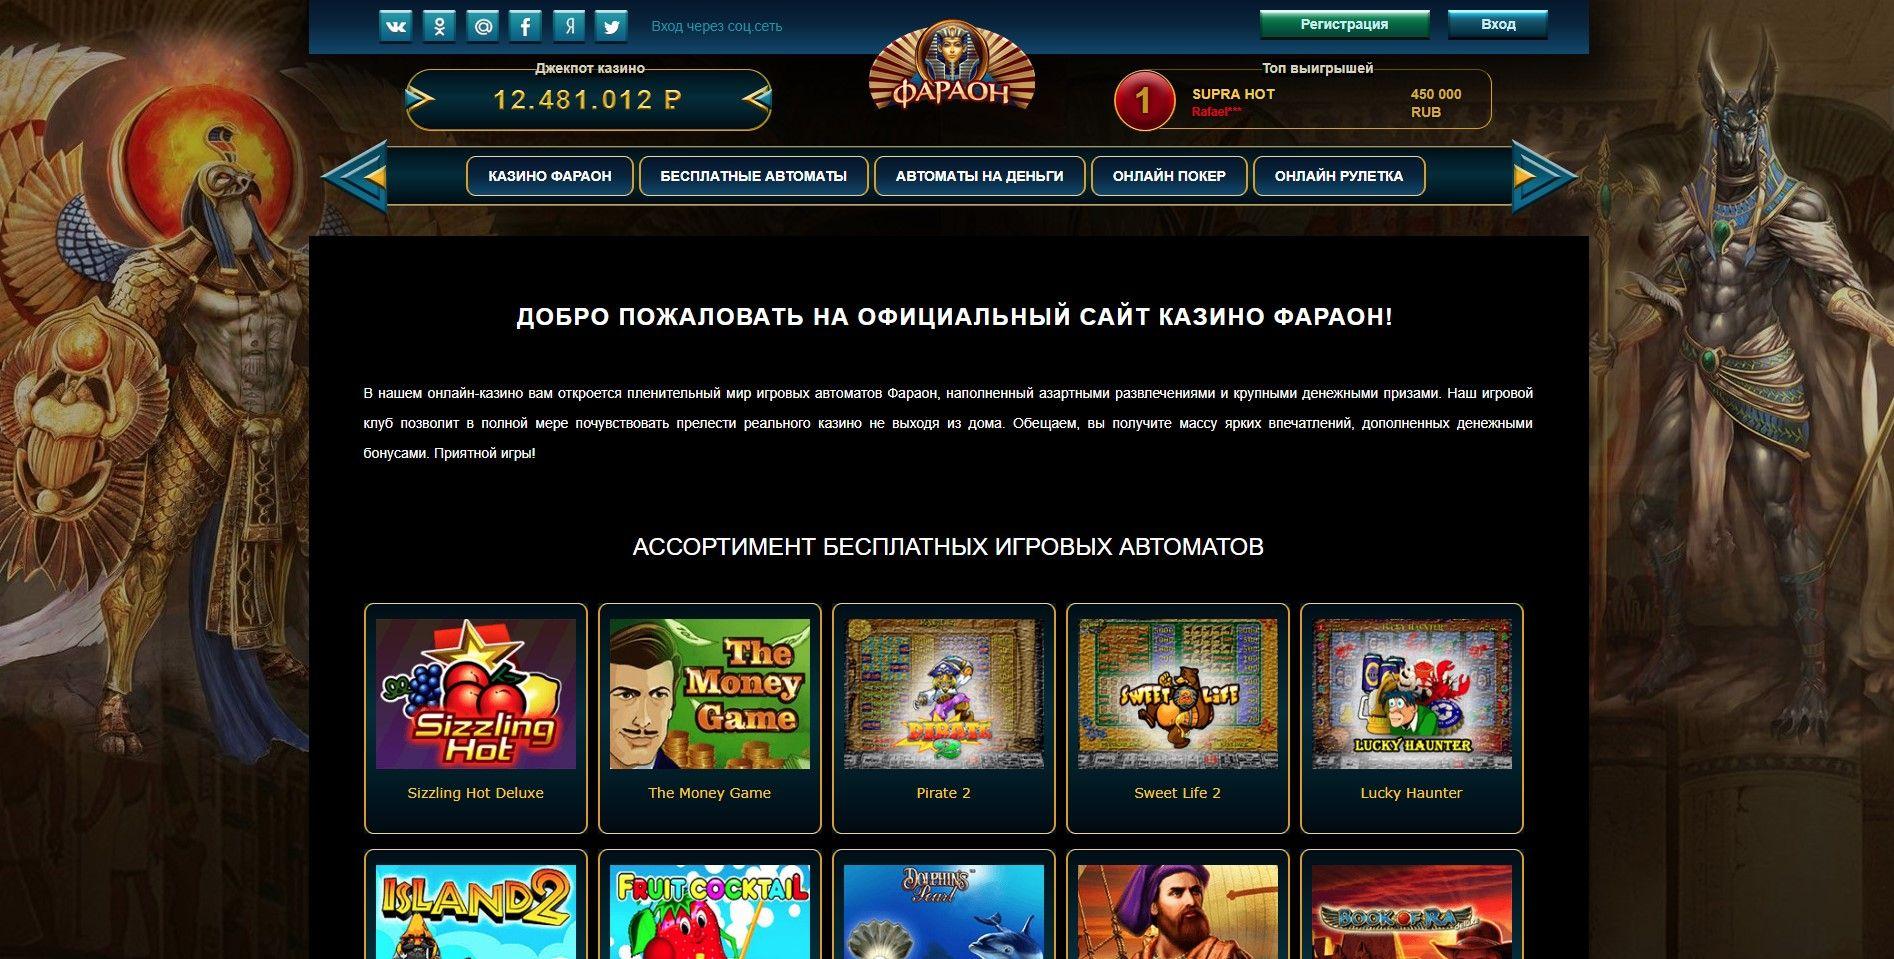 не открывается казино фараон